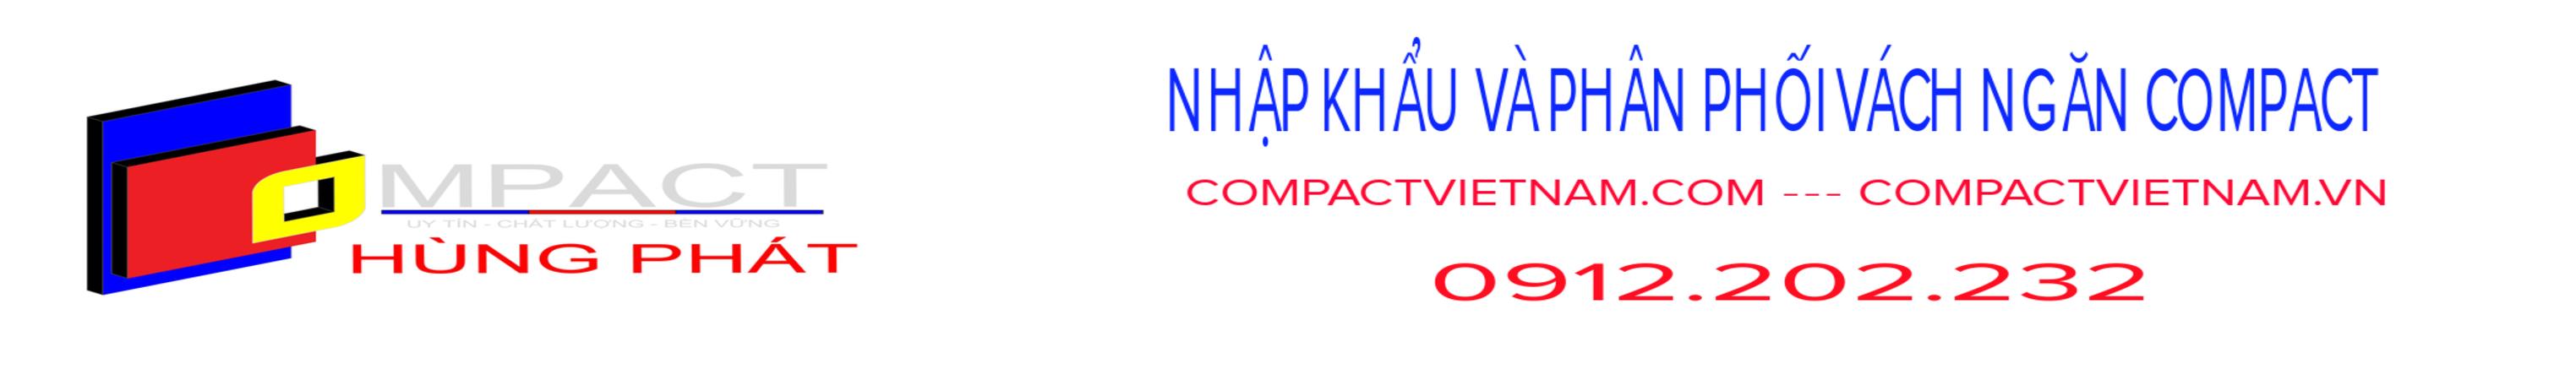 COMPACTVIETNAM